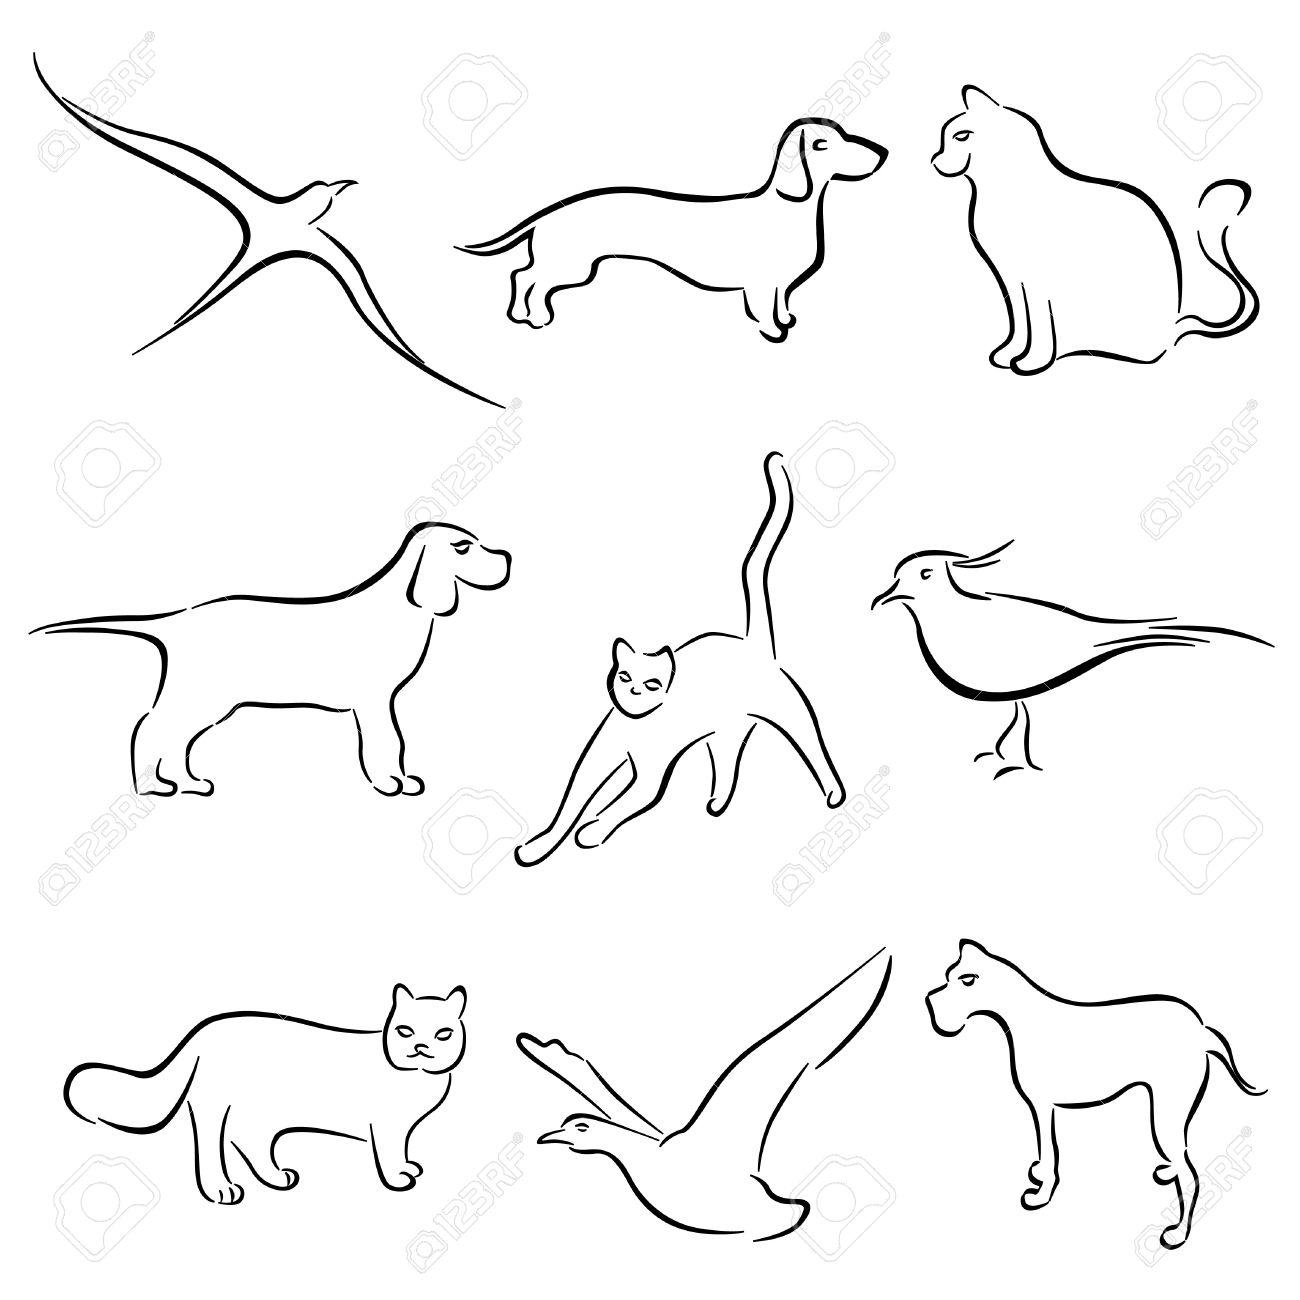 Dog And Cat Drawing At Getdrawings